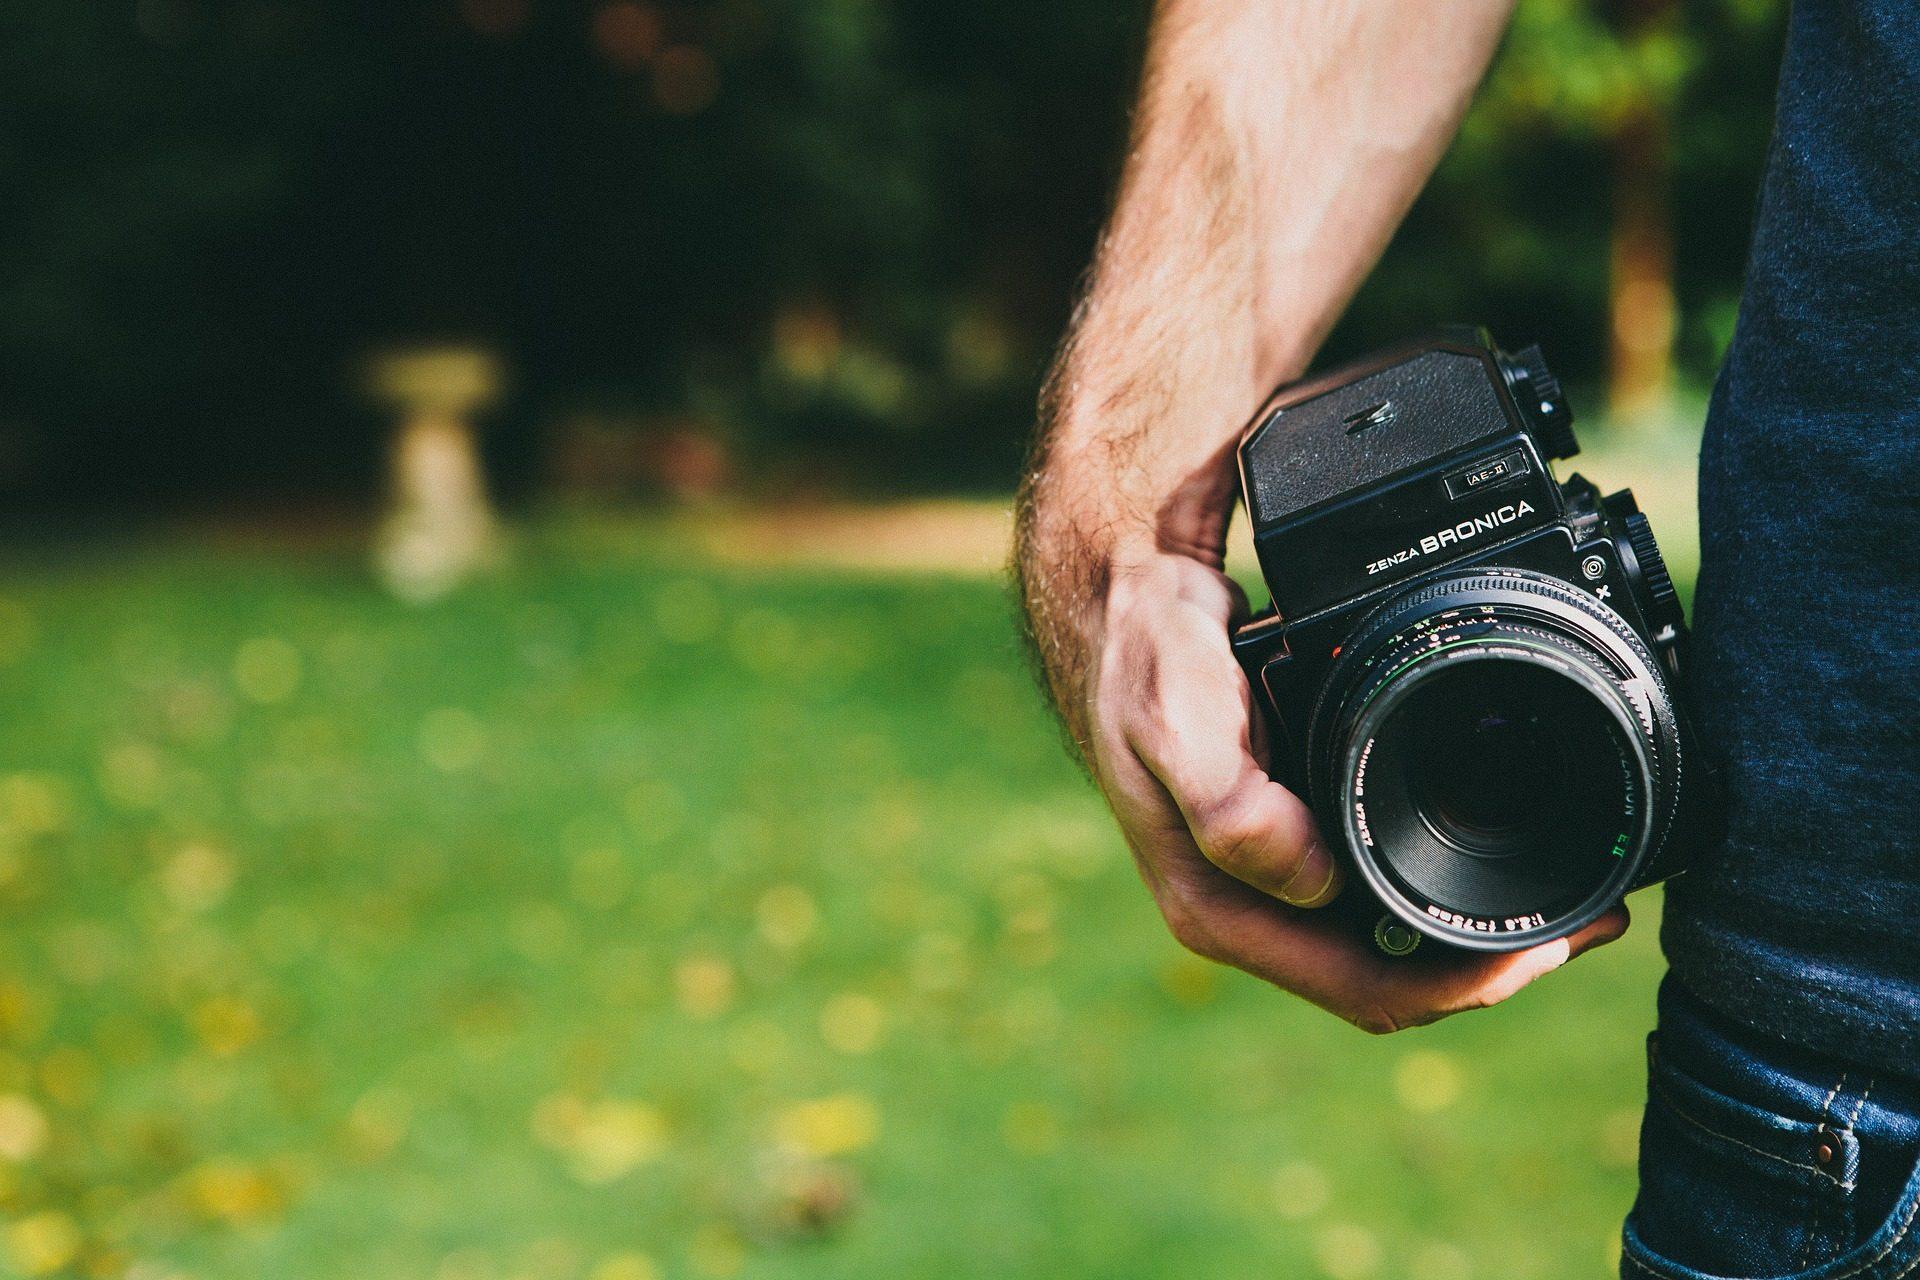 رجل, اليد, الكاميرا, التصوير الفوتوغرافي, والهدف - خلفيات عالية الدقة - أستاذ falken.com